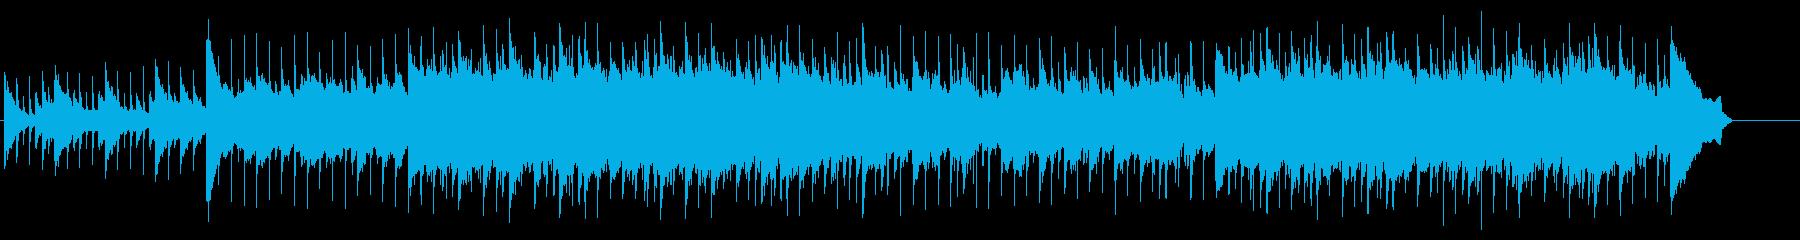 結婚式ブライダル向けの感動できるBGMの再生済みの波形